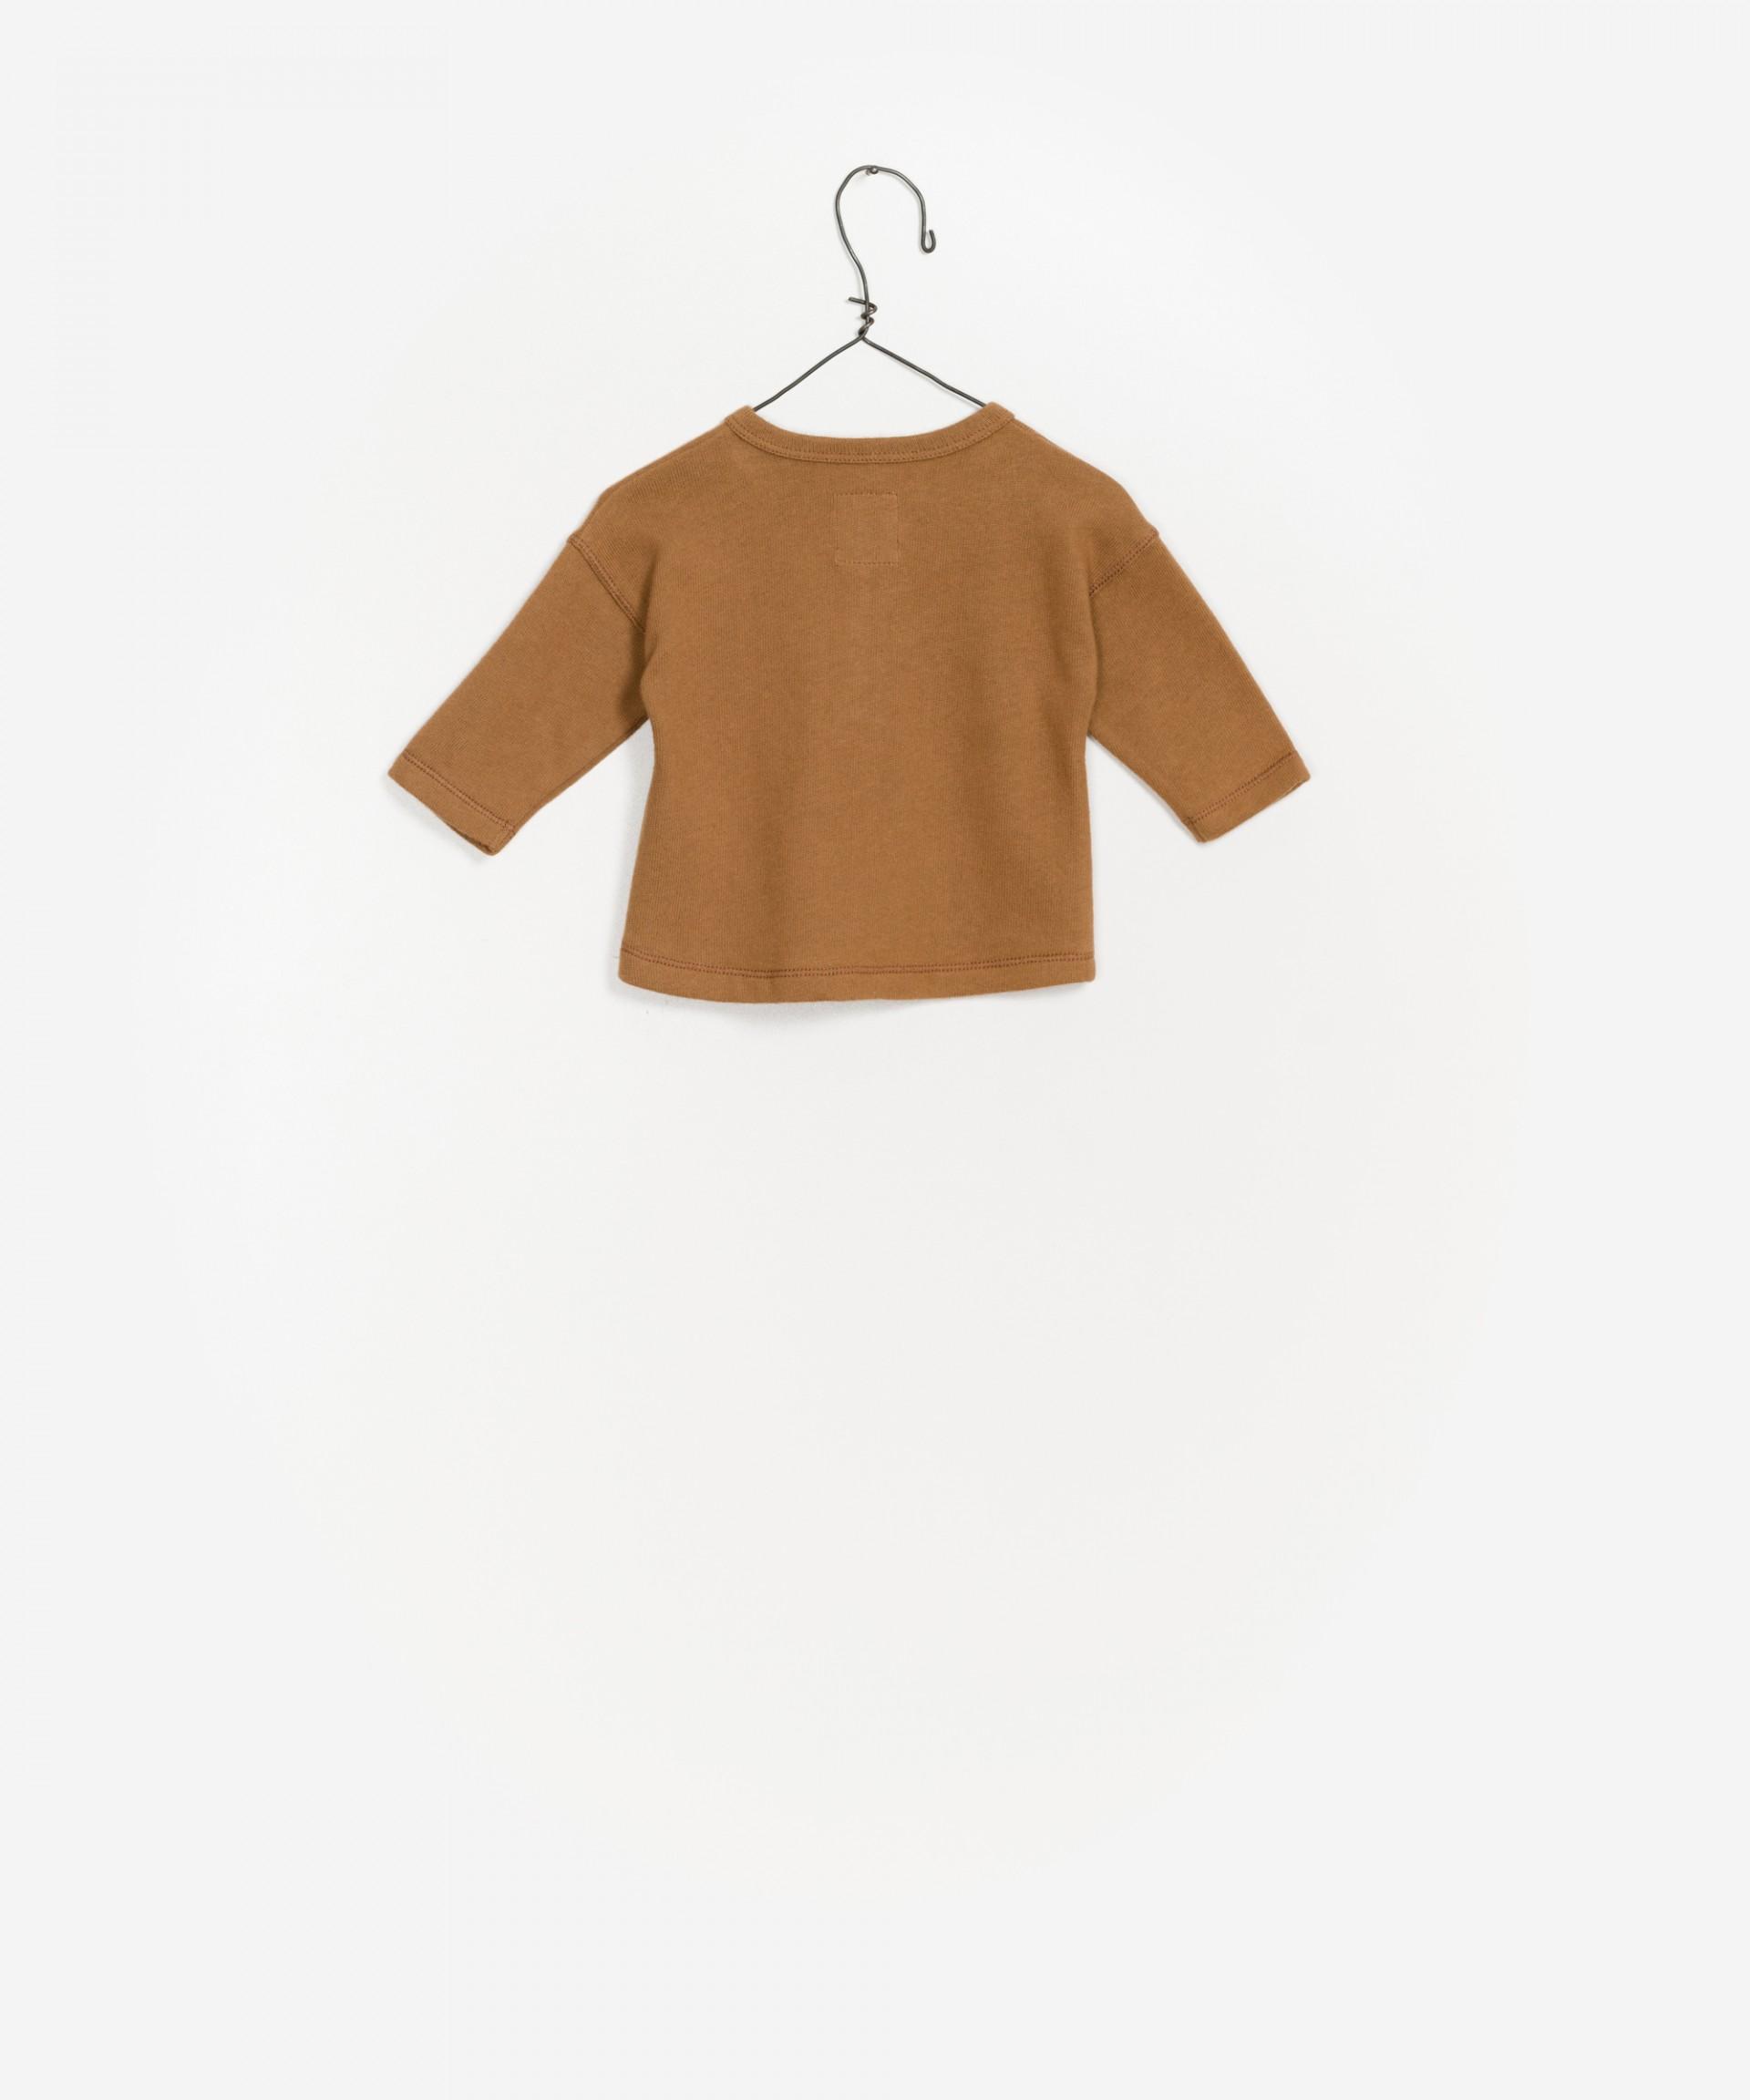 Camisola de manga comprida lisa